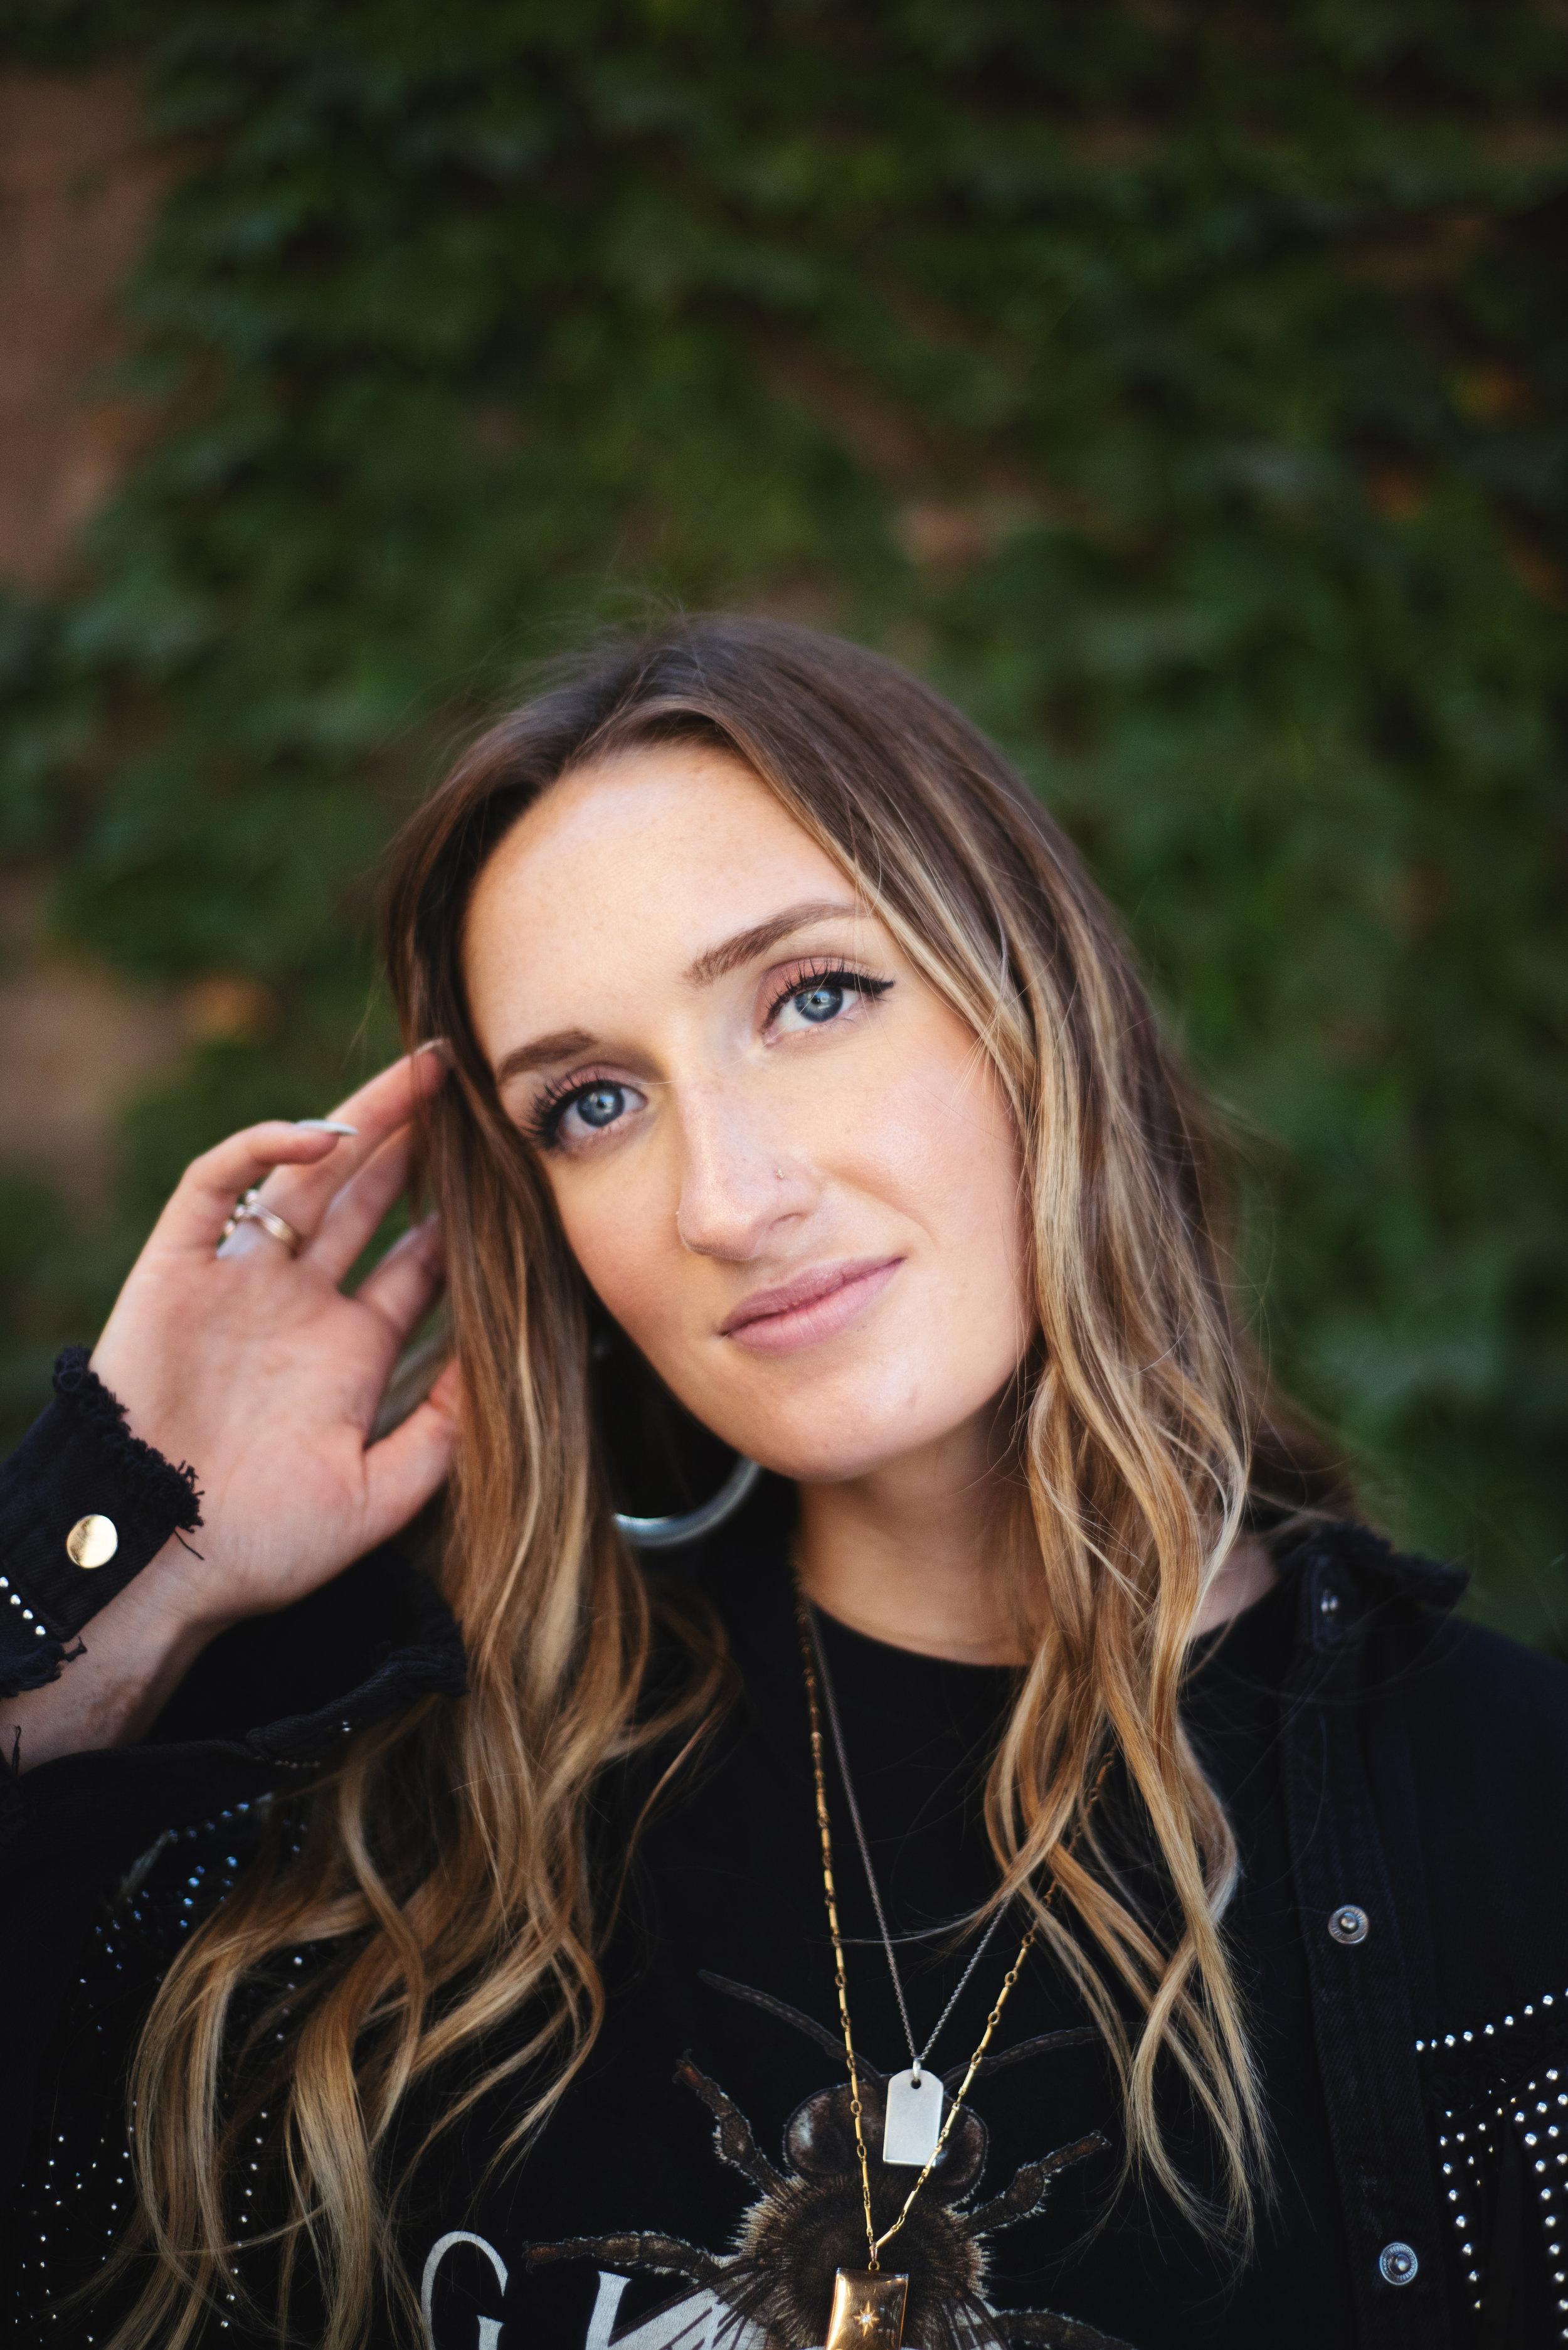 JessicaKovar-35.jpg